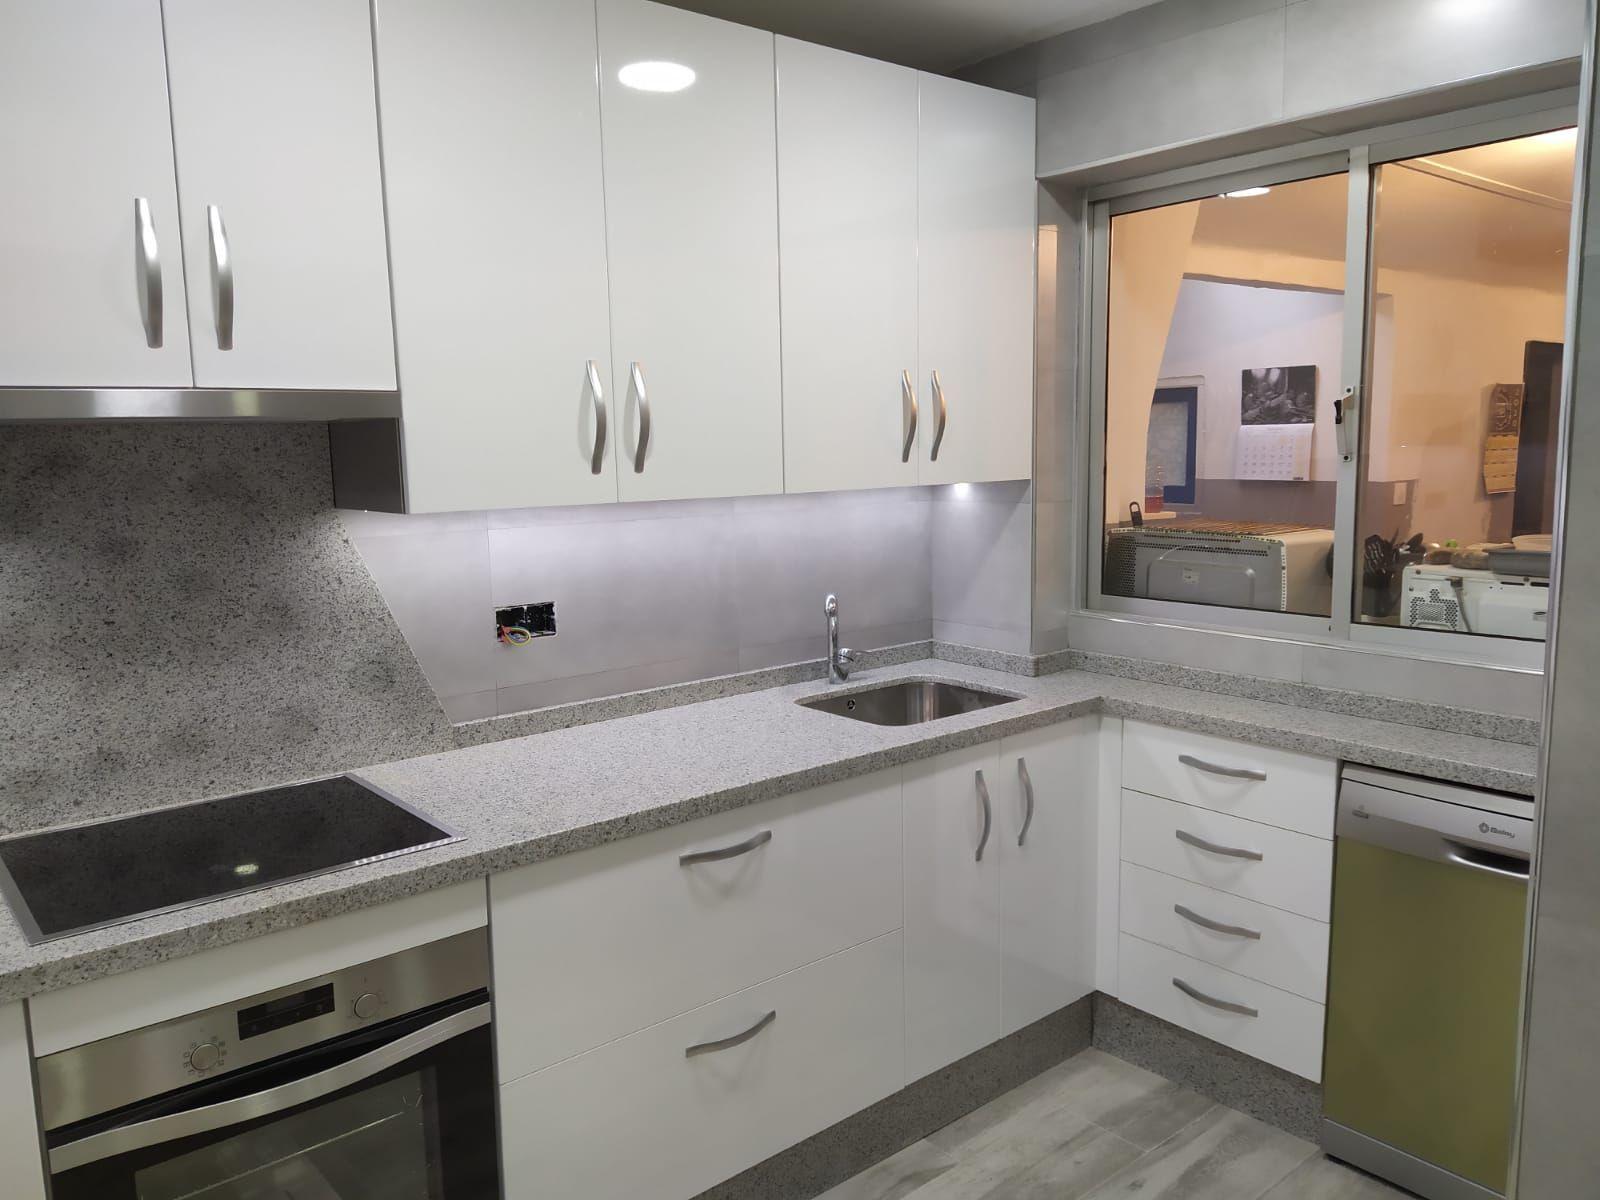 Ambiente En Blanco Brillo Muebles De Cocina Decoracion De Cocina Fabricar Muebles